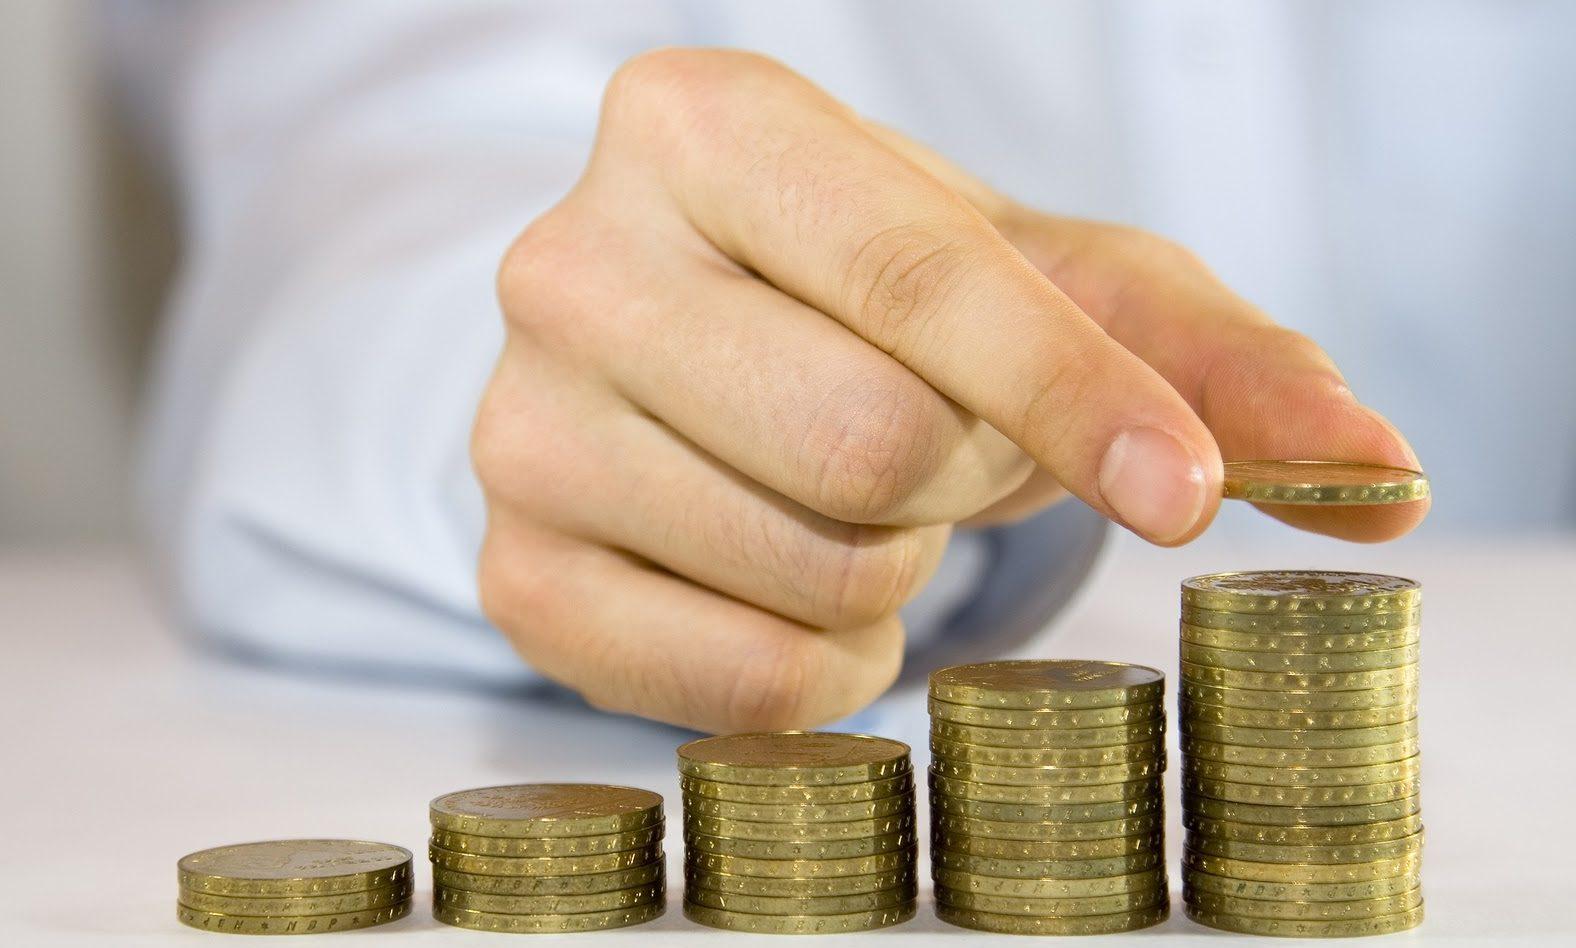 hogyan lehet sok pénzt keresni az új évben